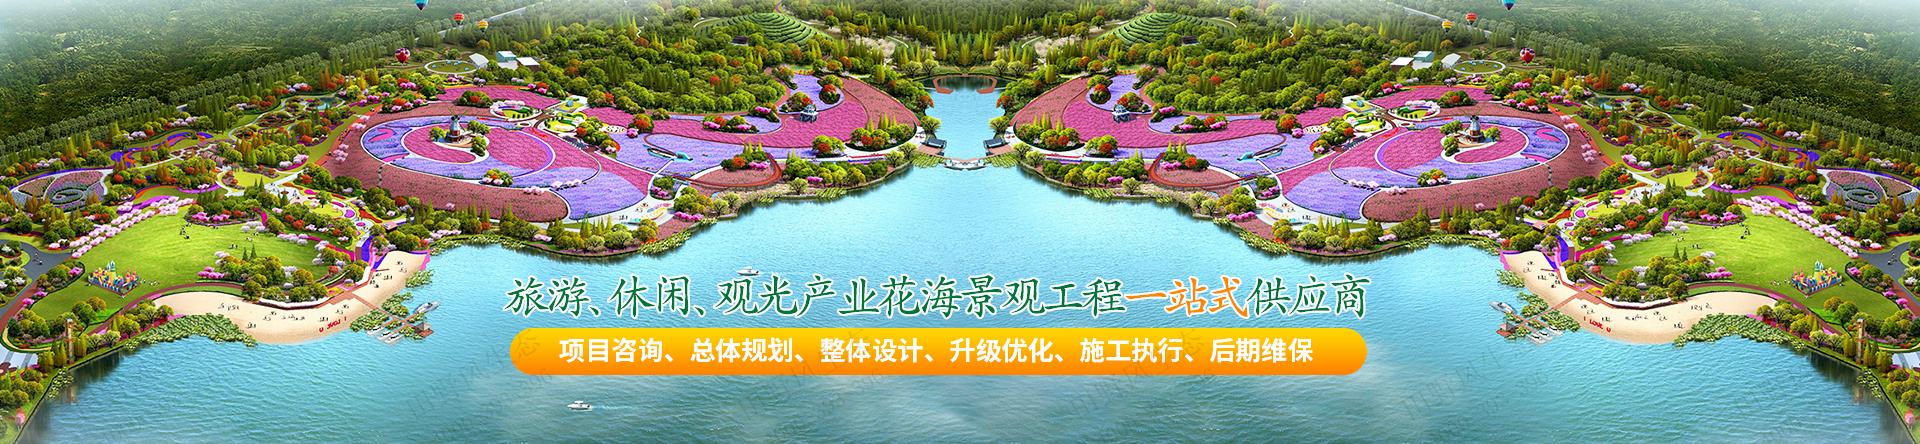 3花海景观